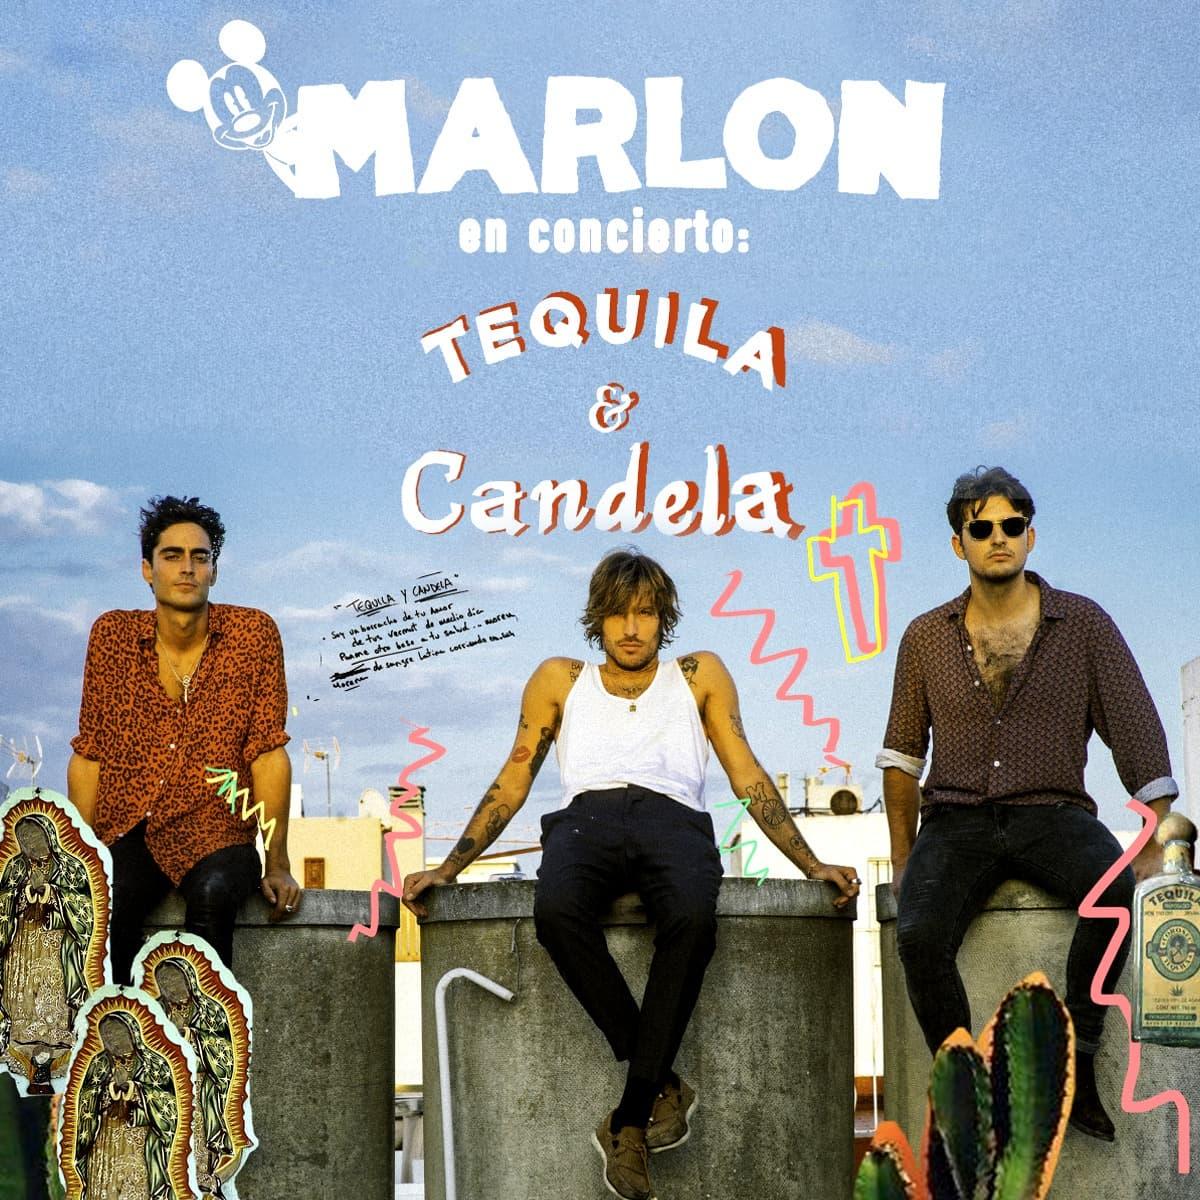 Pandora Producciones - Marlon, Tequila y Candela - Valladolid - Diciembre - 2019